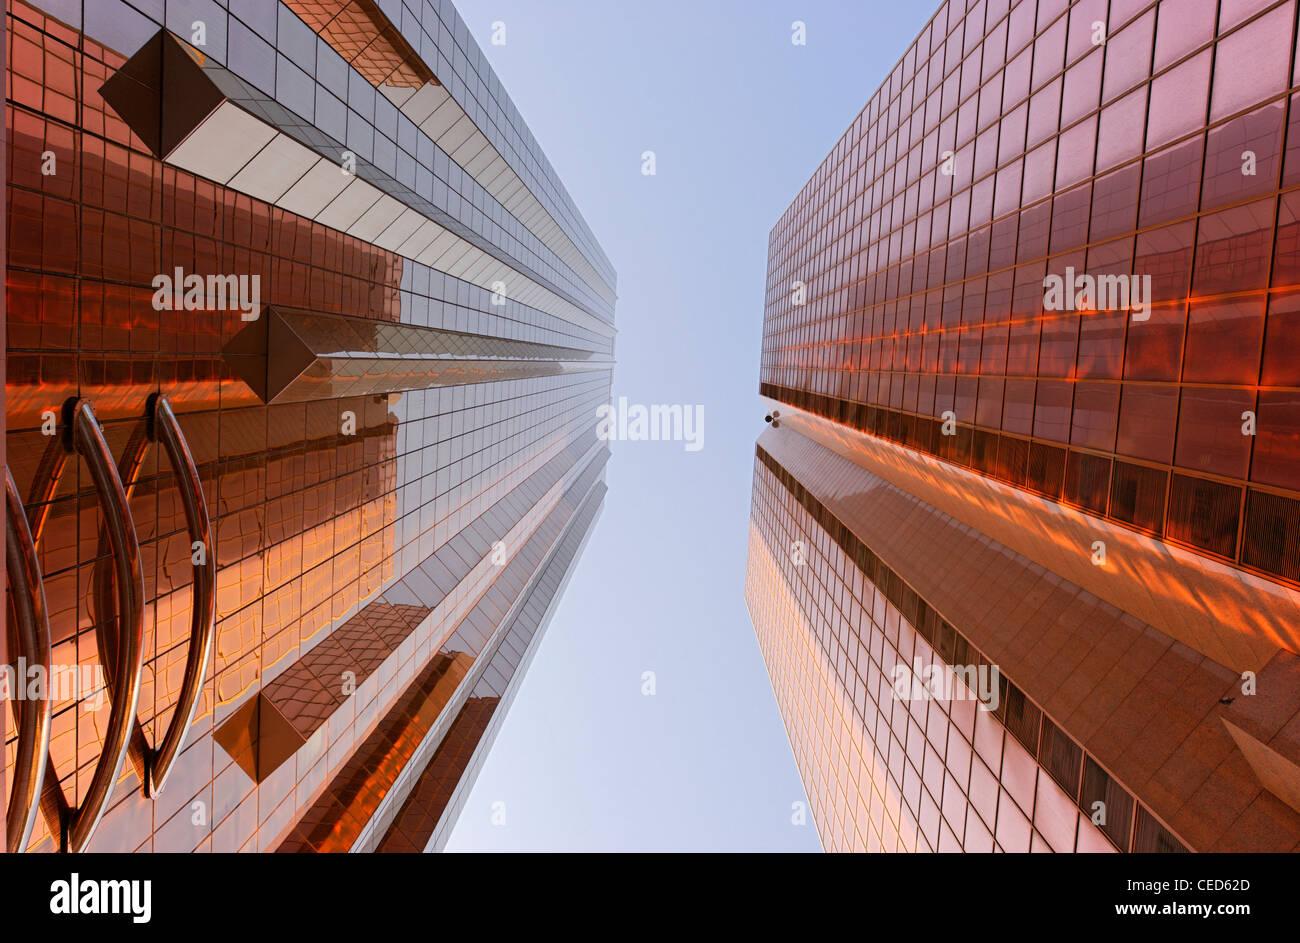 Les façades des tours de bureaux, architecture moderne, Sheikh Zayed Road, Al Satwa, Dubaï, Émirats Arabes UnisBanque D'Images